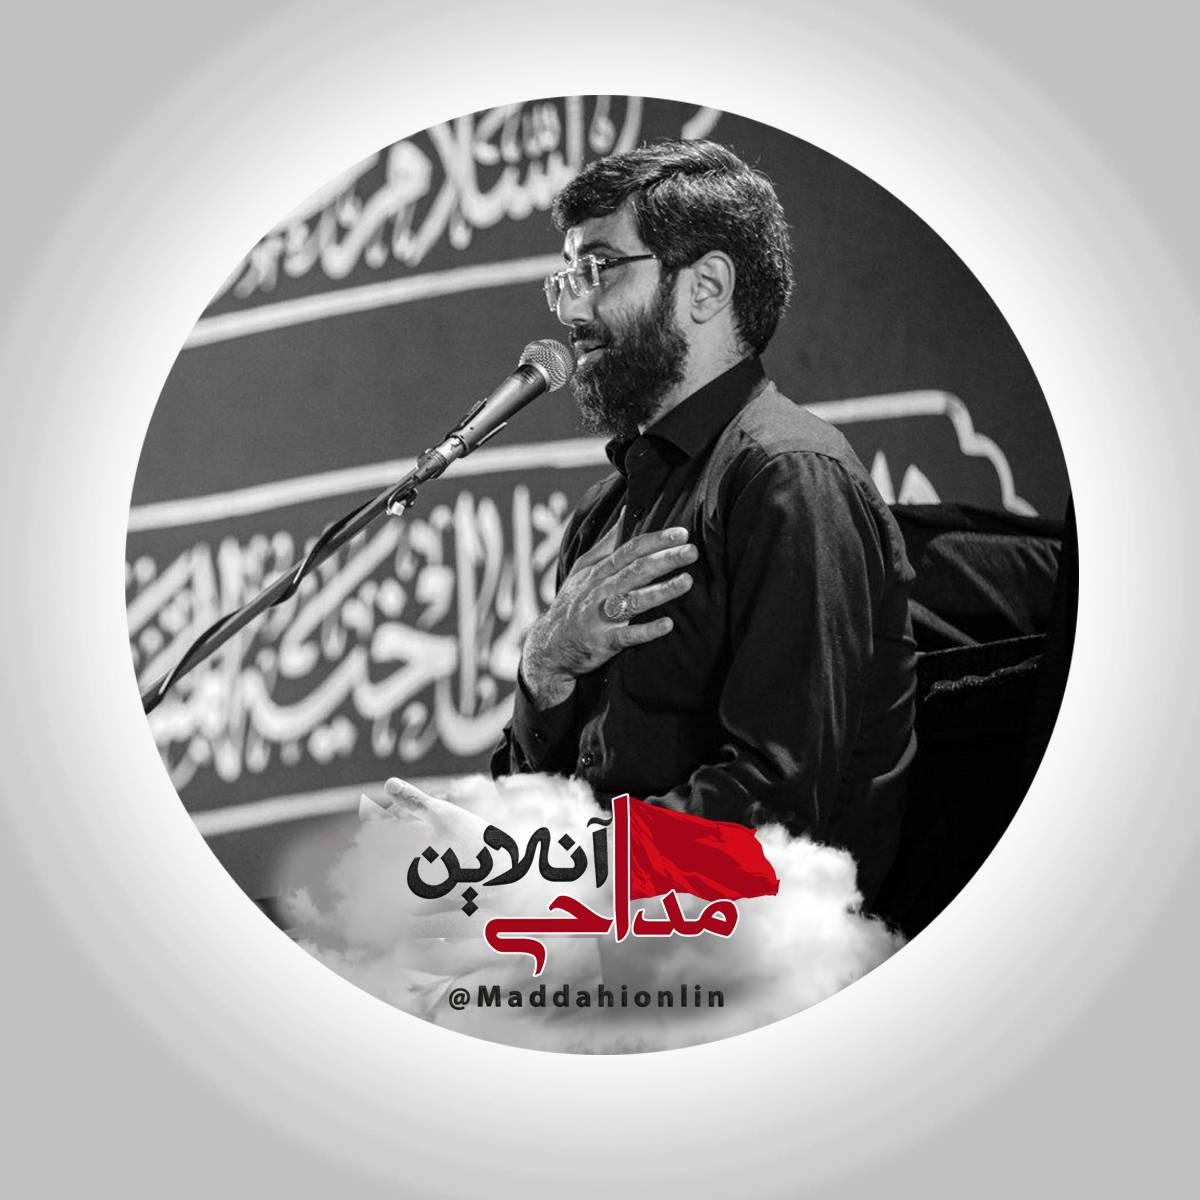 نماهنگ حسرت دیدار سید رضا نریمانی